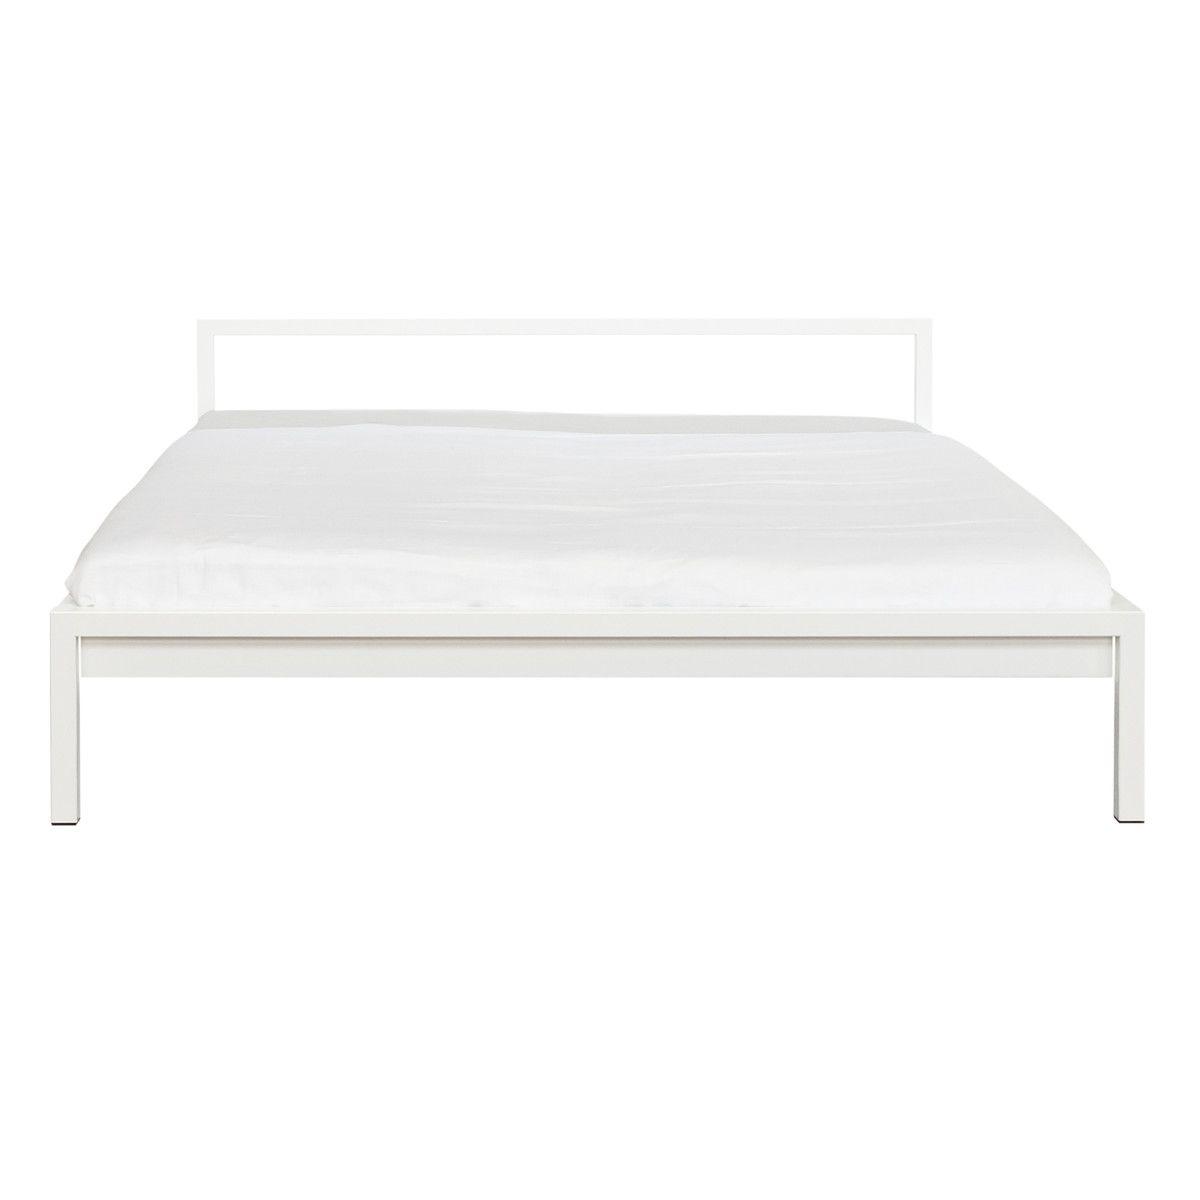 pure bett von hans hansen doppelbett schlafzimmer und einrichten und wohnen. Black Bedroom Furniture Sets. Home Design Ideas